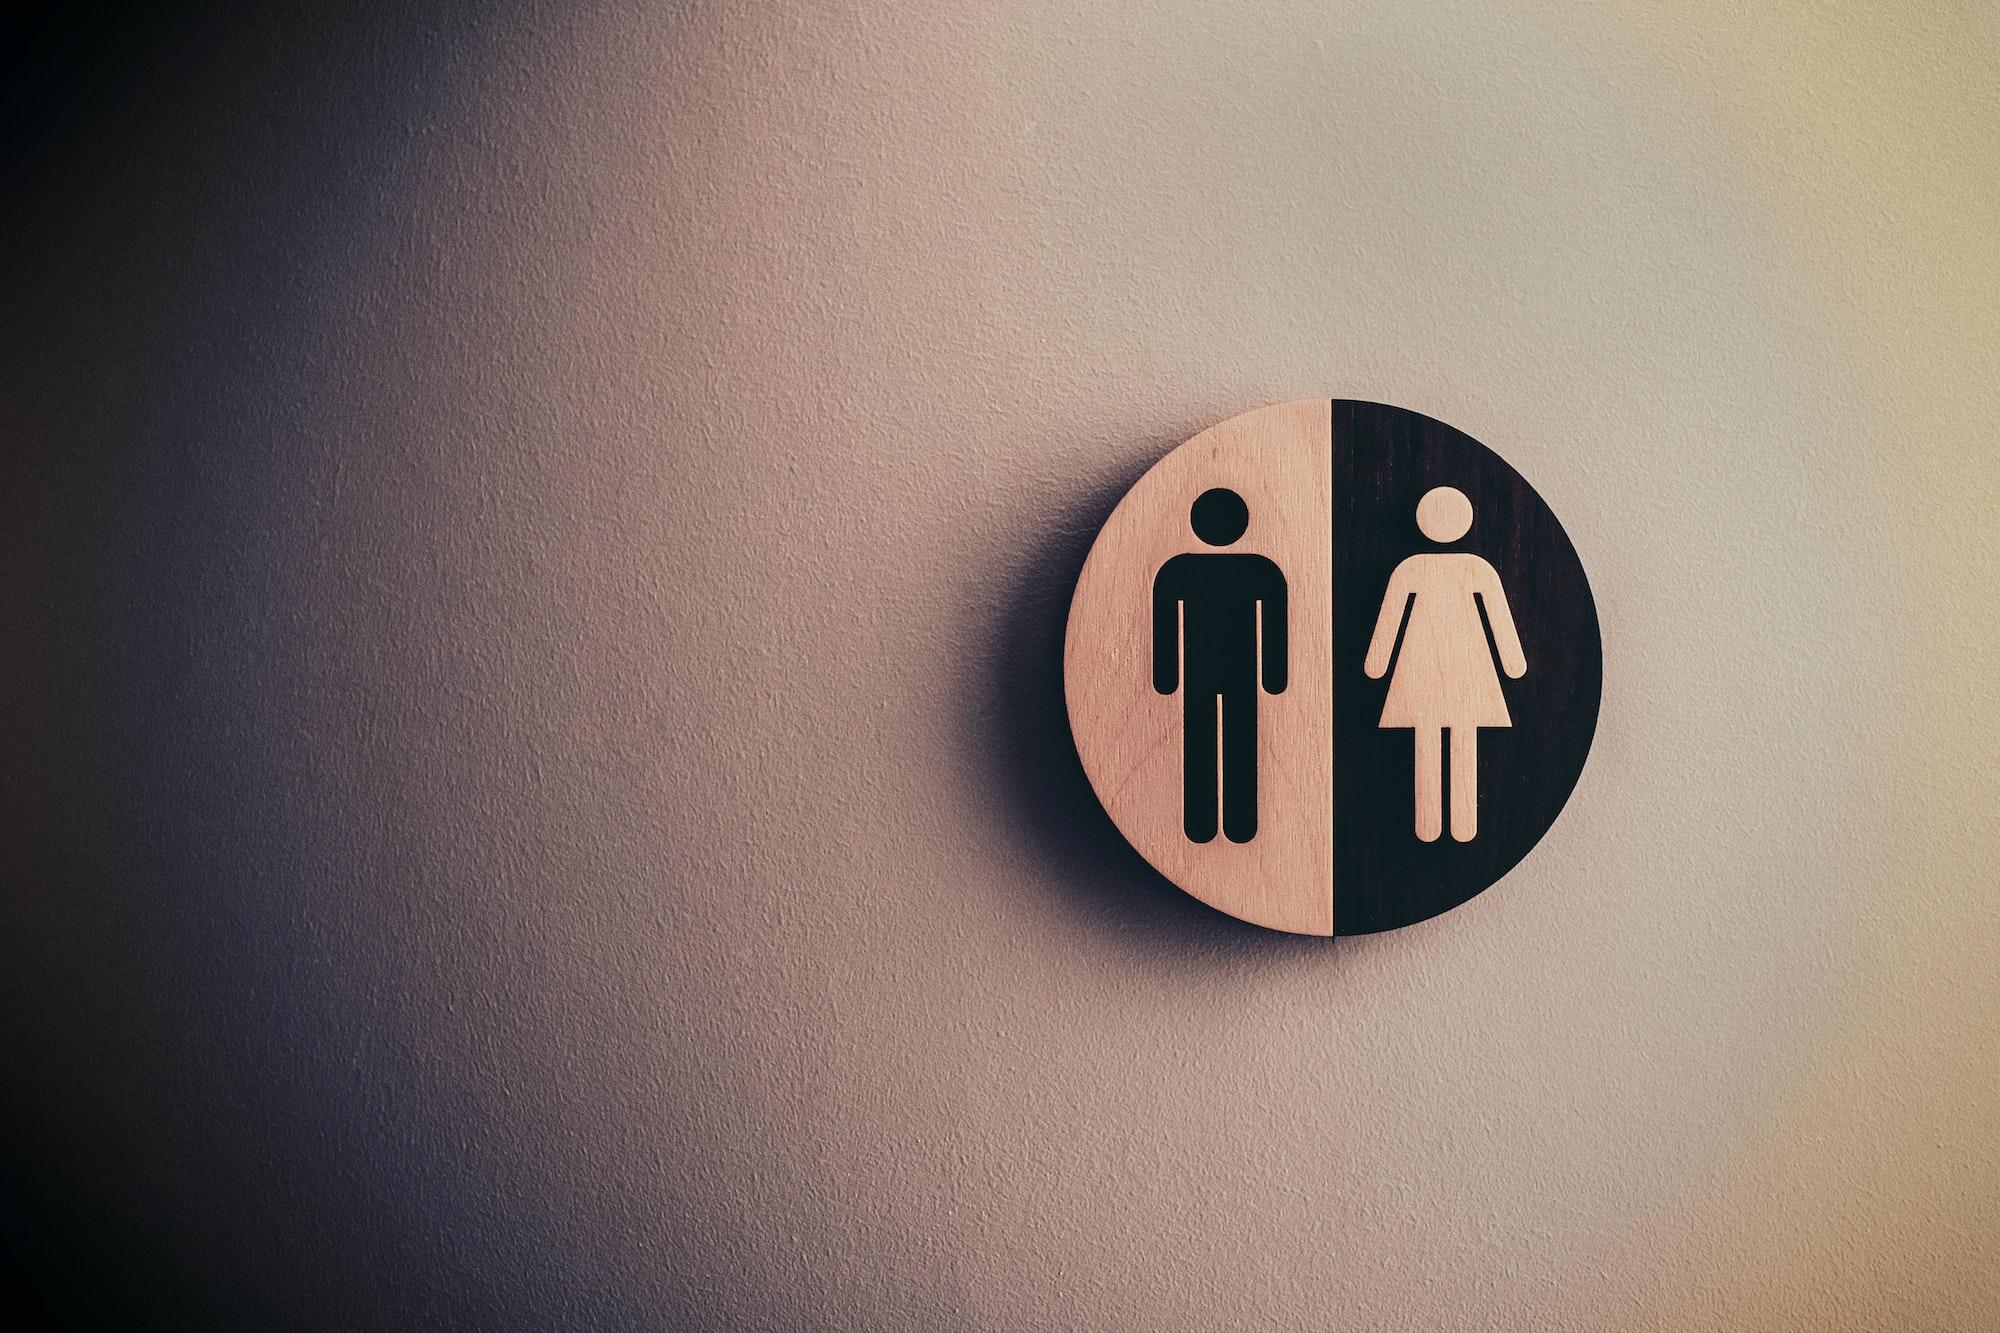 La igualdad de género